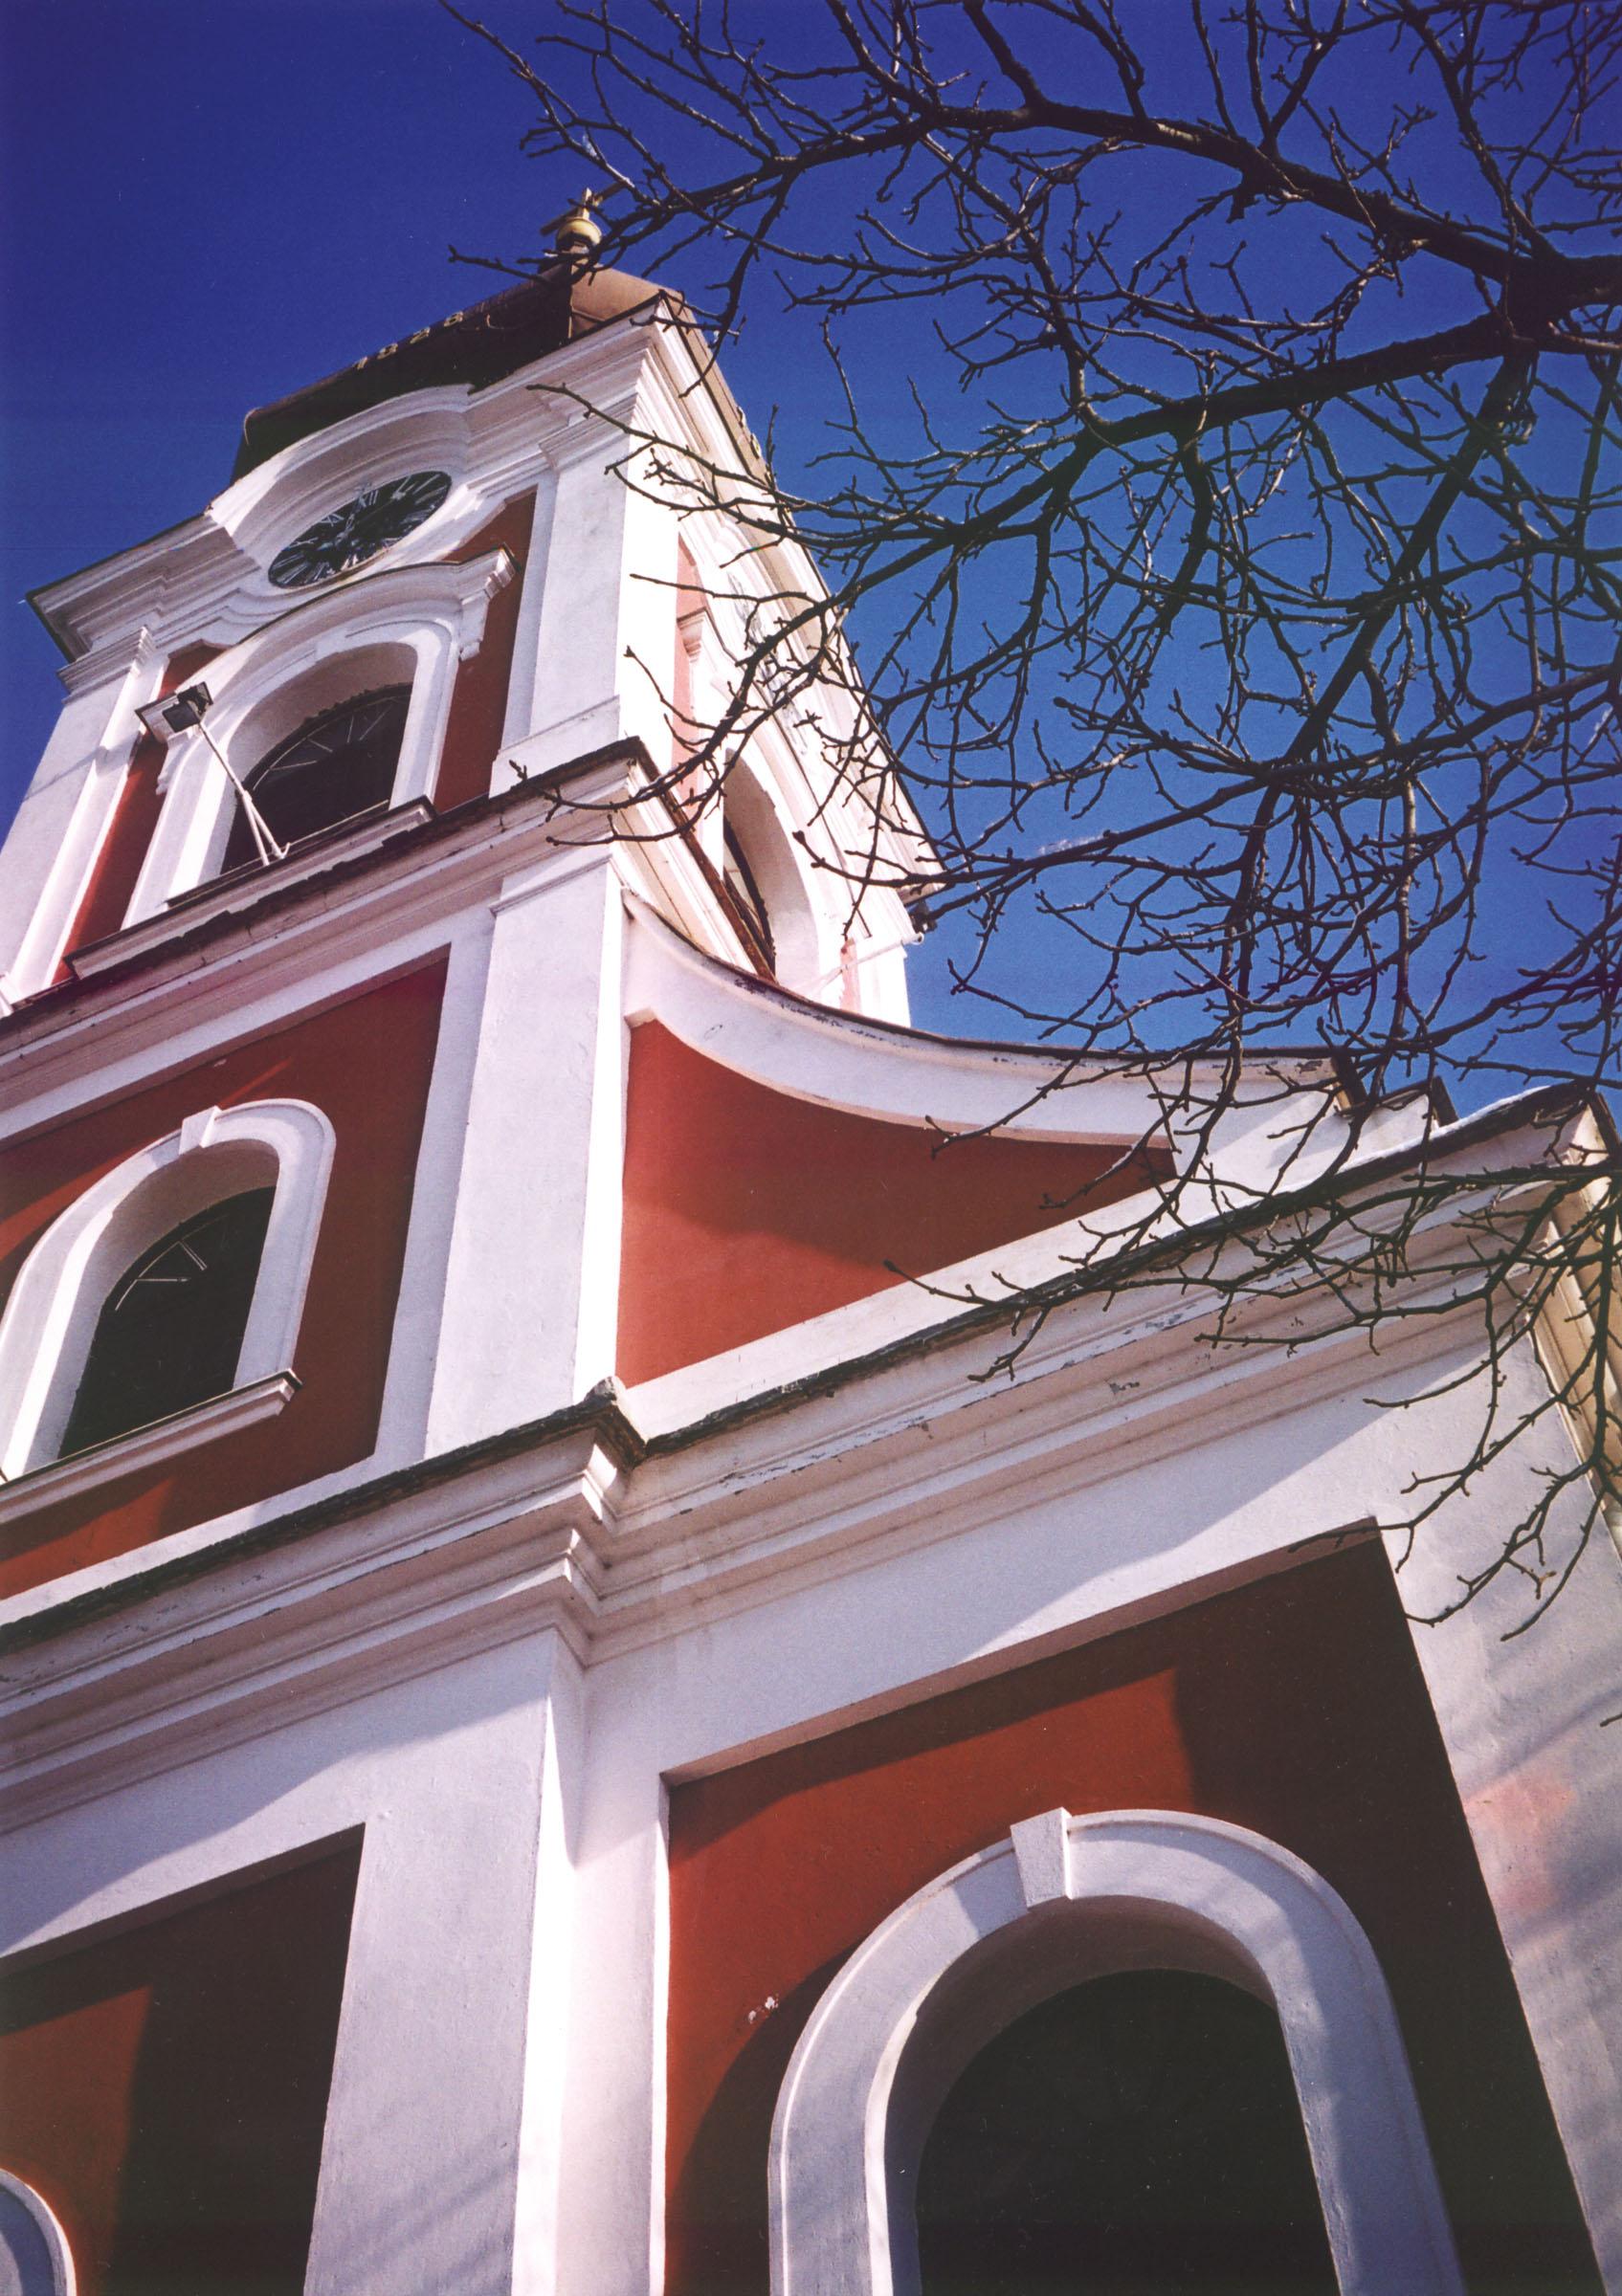 2004.09.18. Hétköznapok fotópályázat - Kovács Lajos István - Szegvári barokk templom.jpg